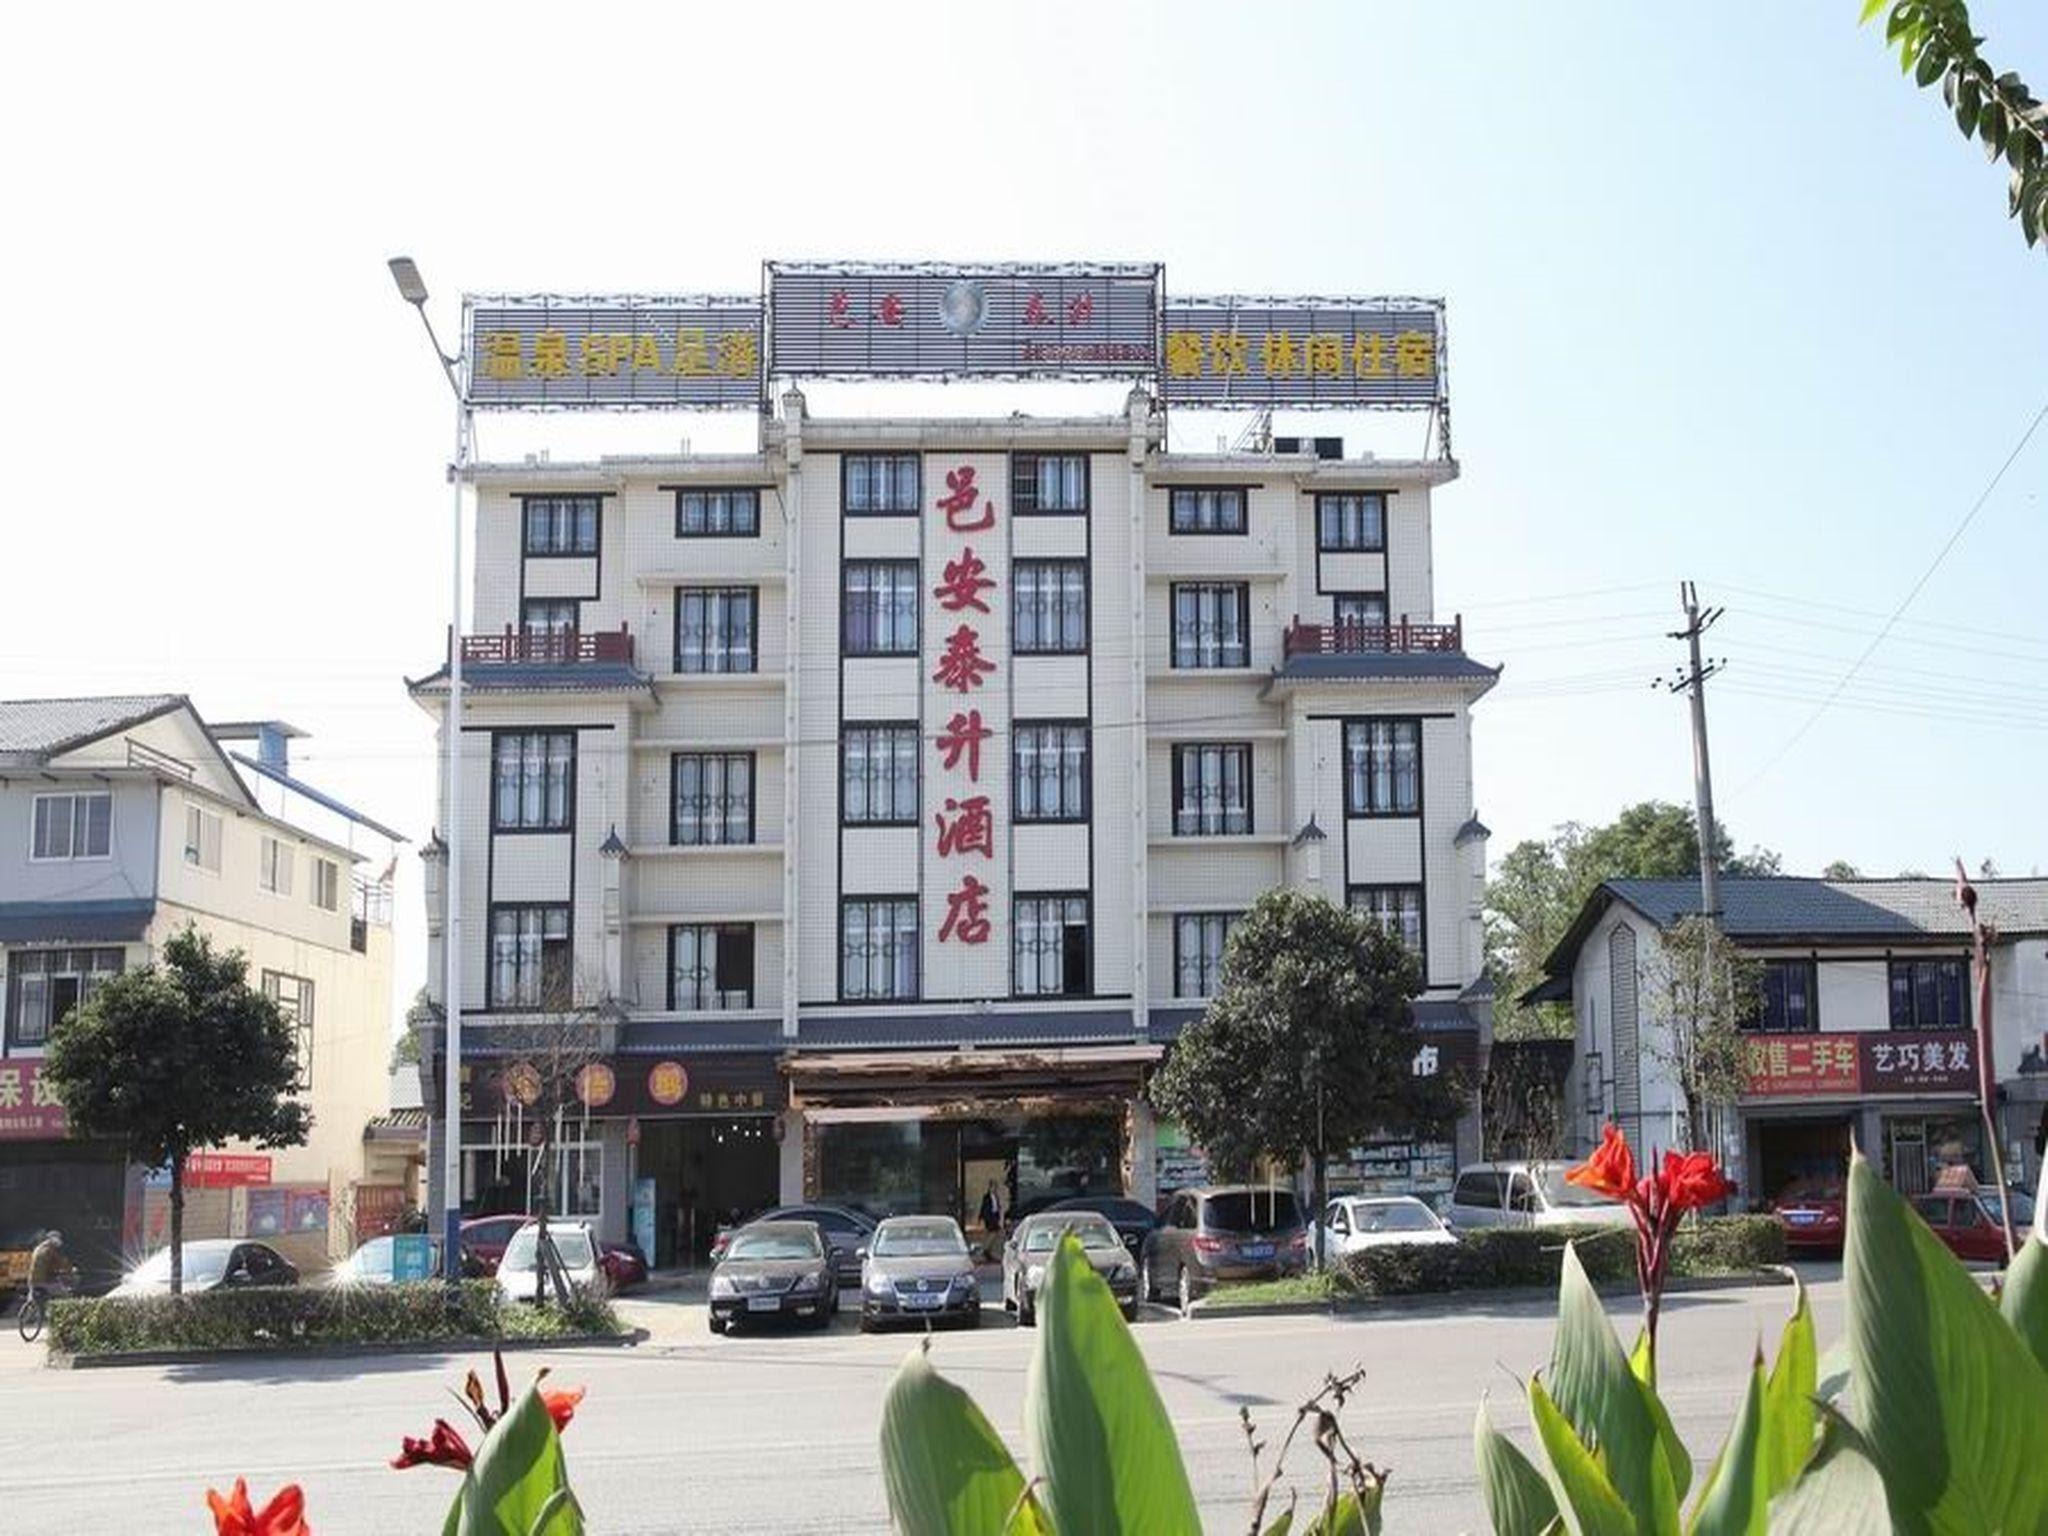 yiantaisheng hotel co ltd Reviews